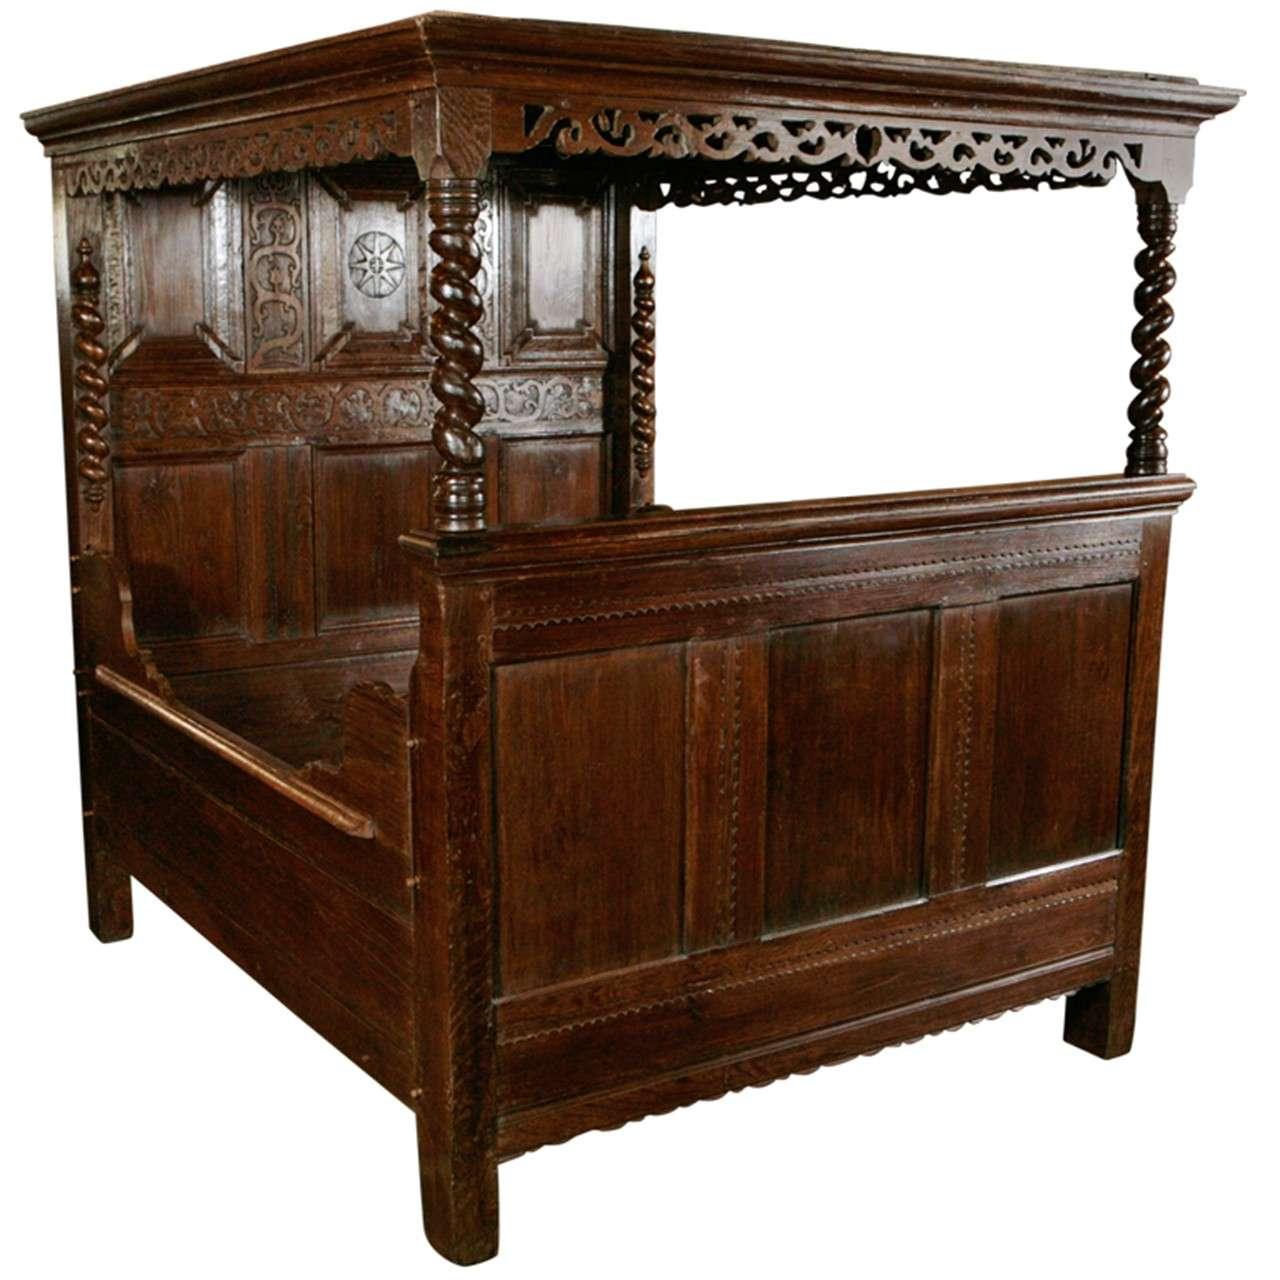 Antique carved oak tester bed at stdibs